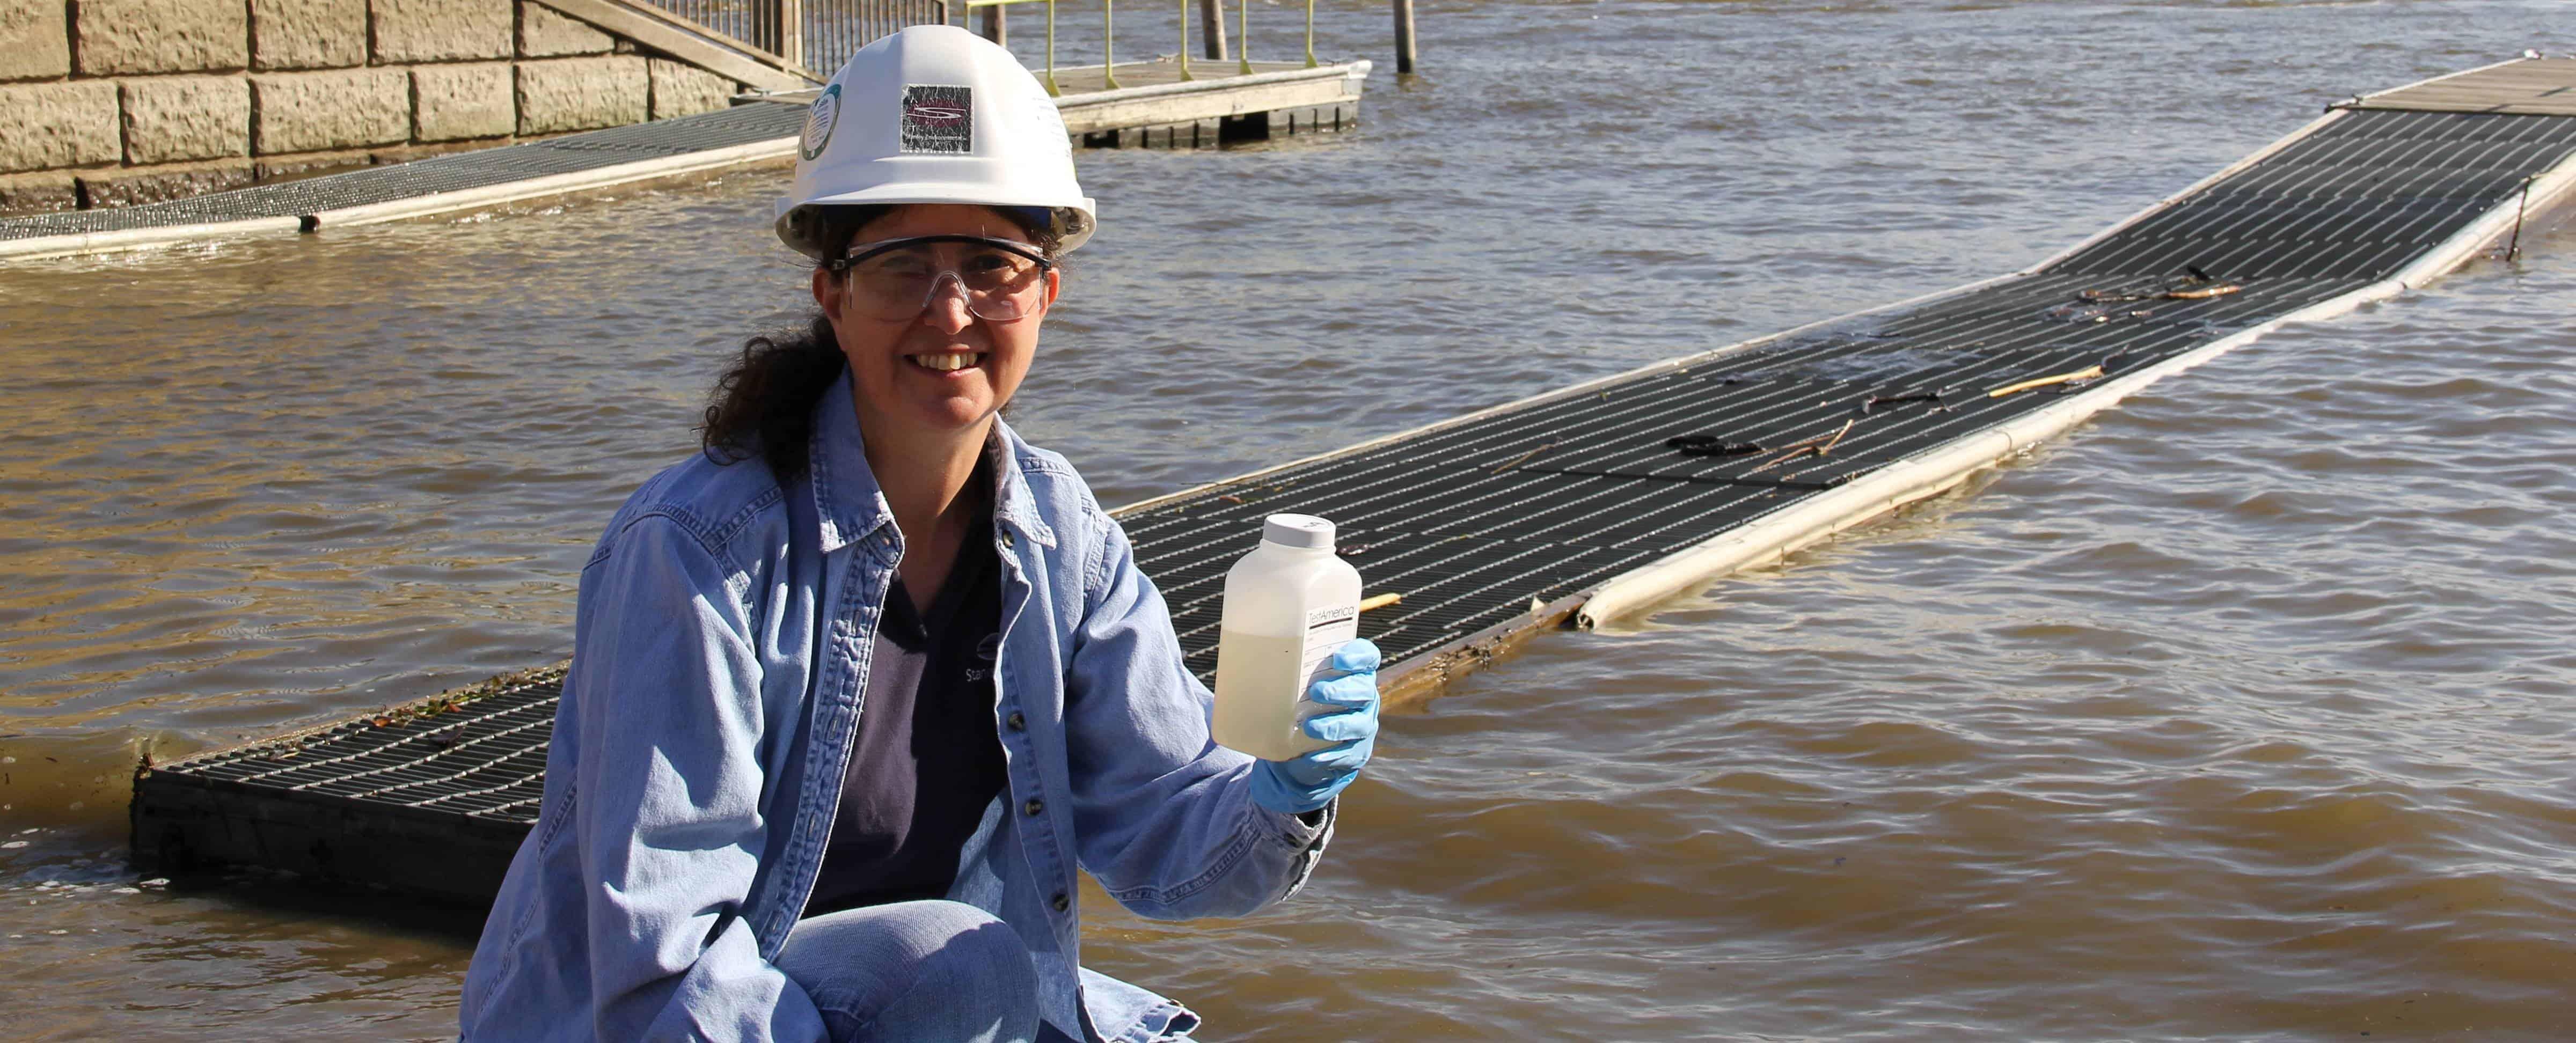 Member Spotlight: Environmental Engineer Becky Svatos